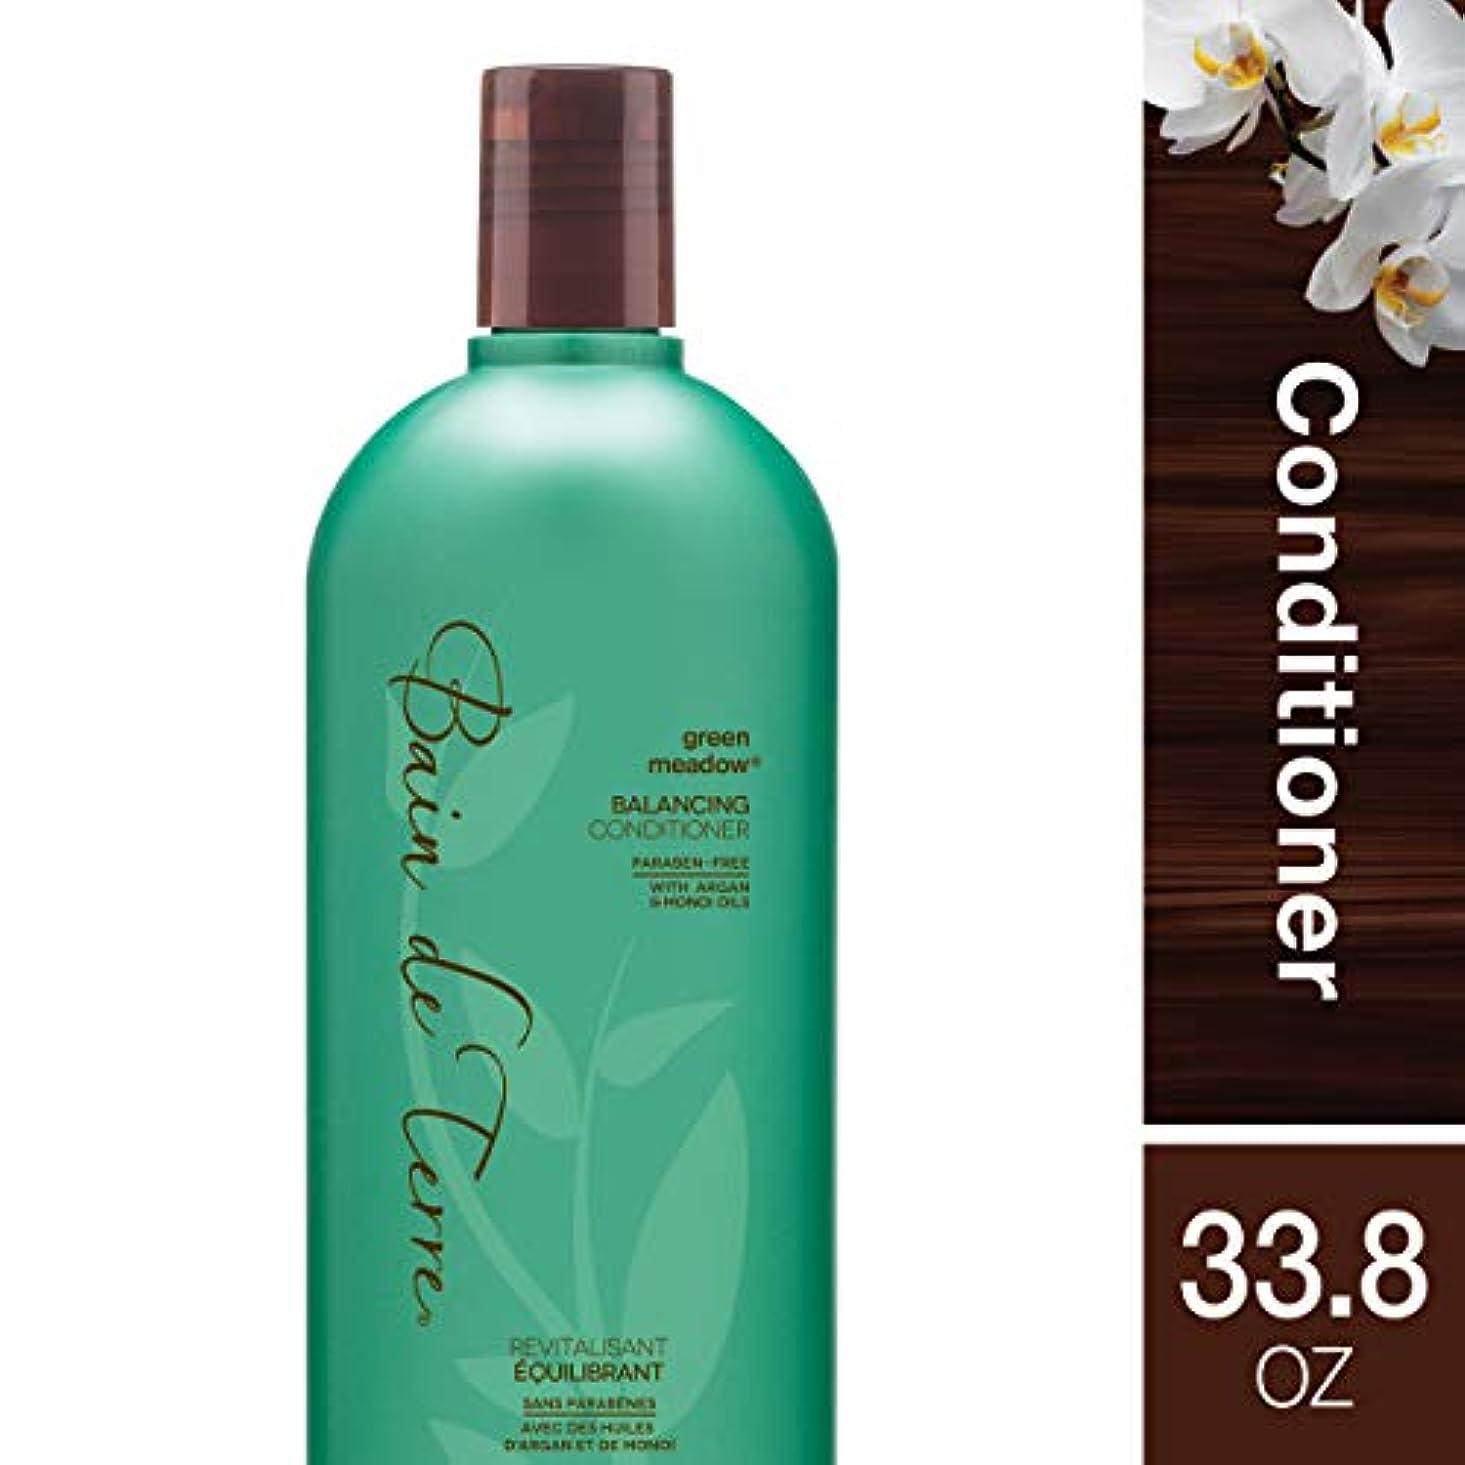 パートナー粘性の比類のないBain de Terre Balancing Conditioner, Green Meadow, 33.8 Ounce by Bain de Terre